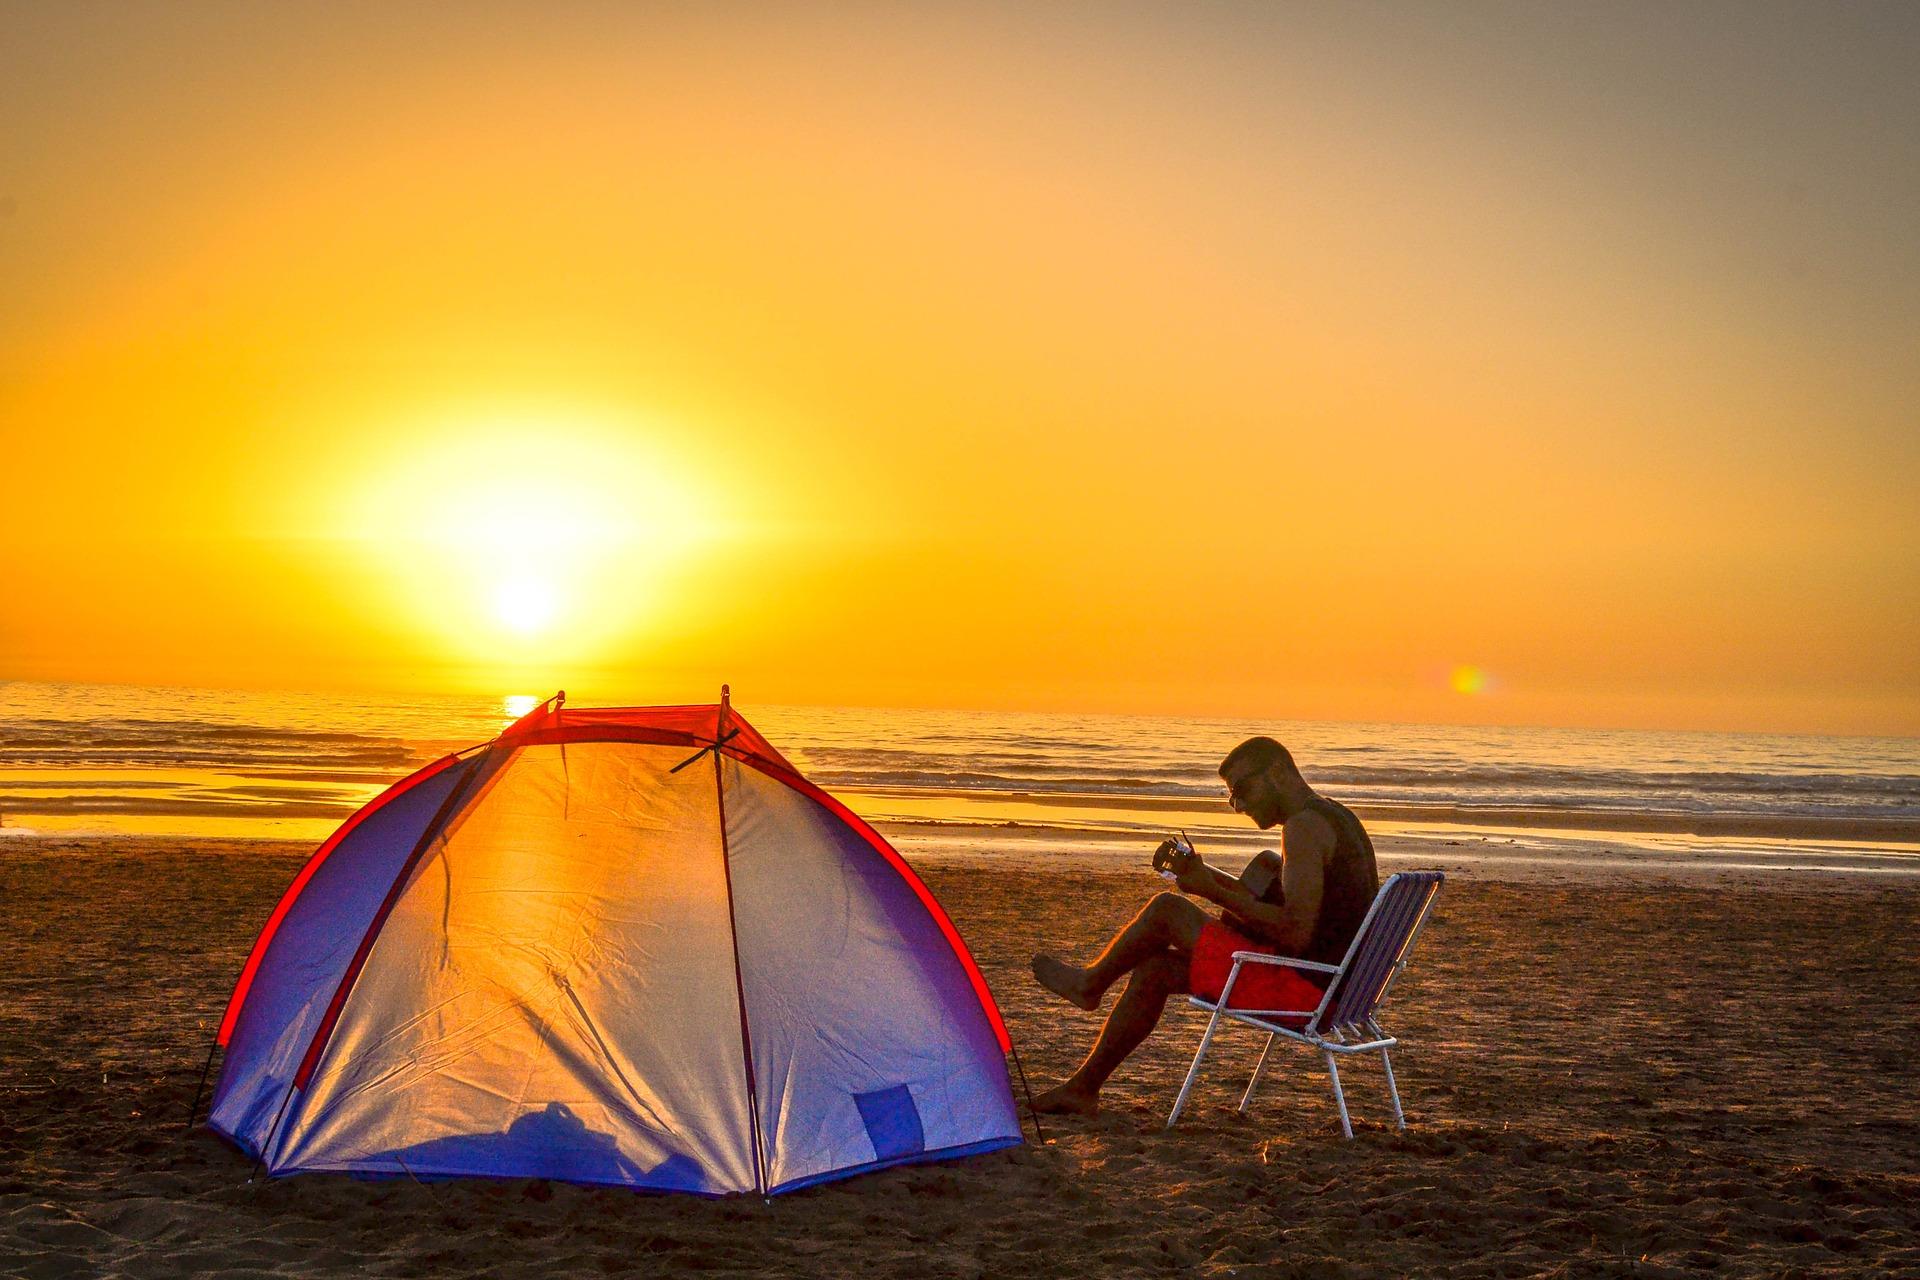 camping-1646504_1920